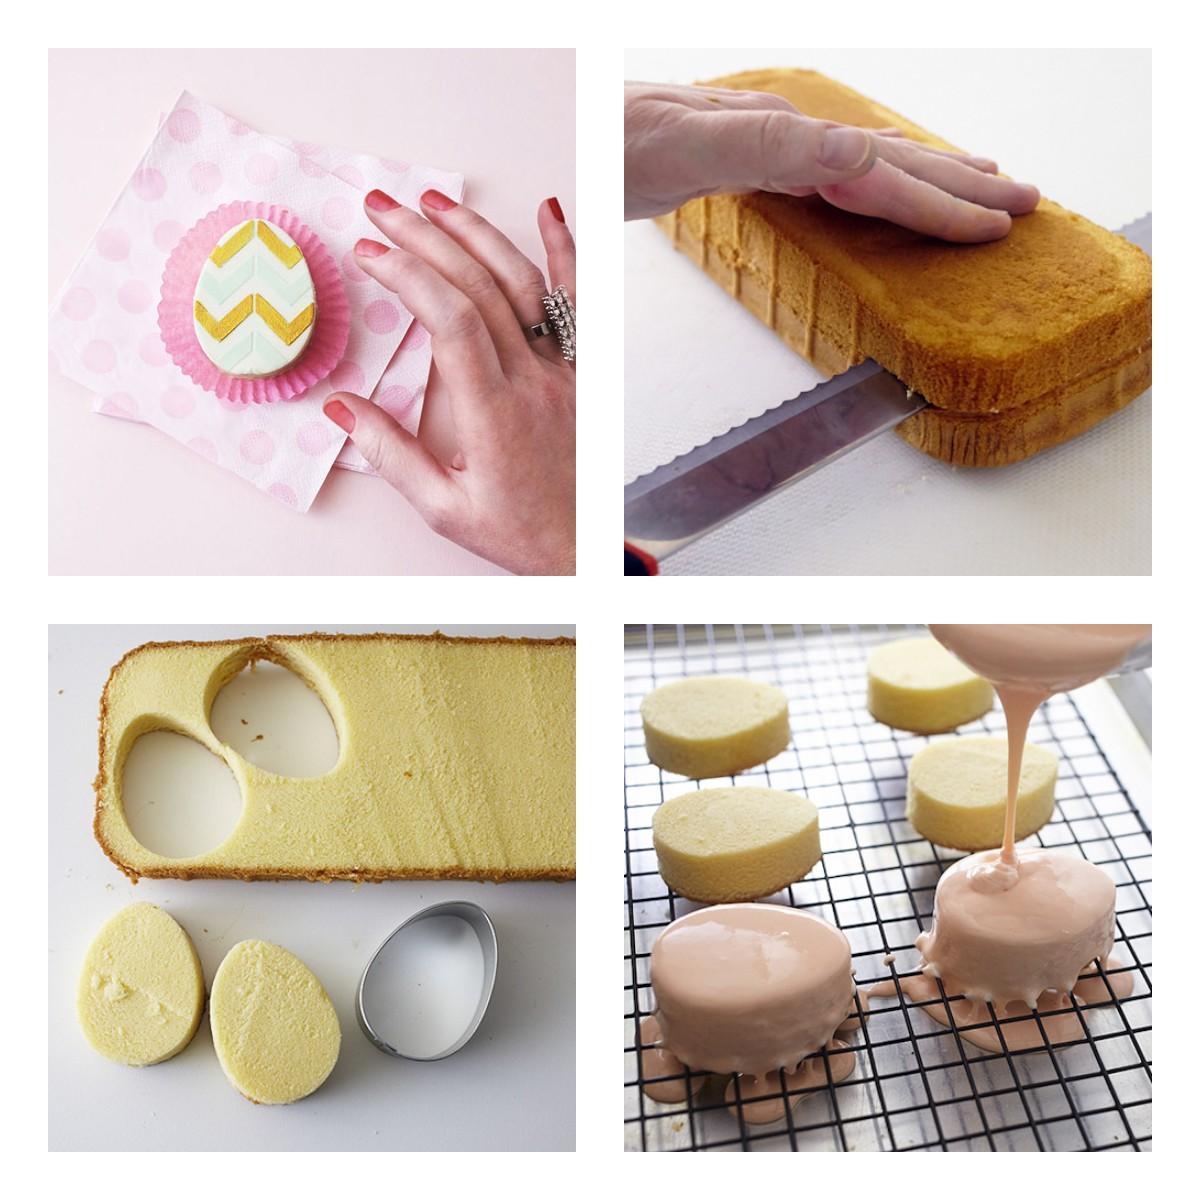 Пирожные в виде пасхальных яиц своими руками